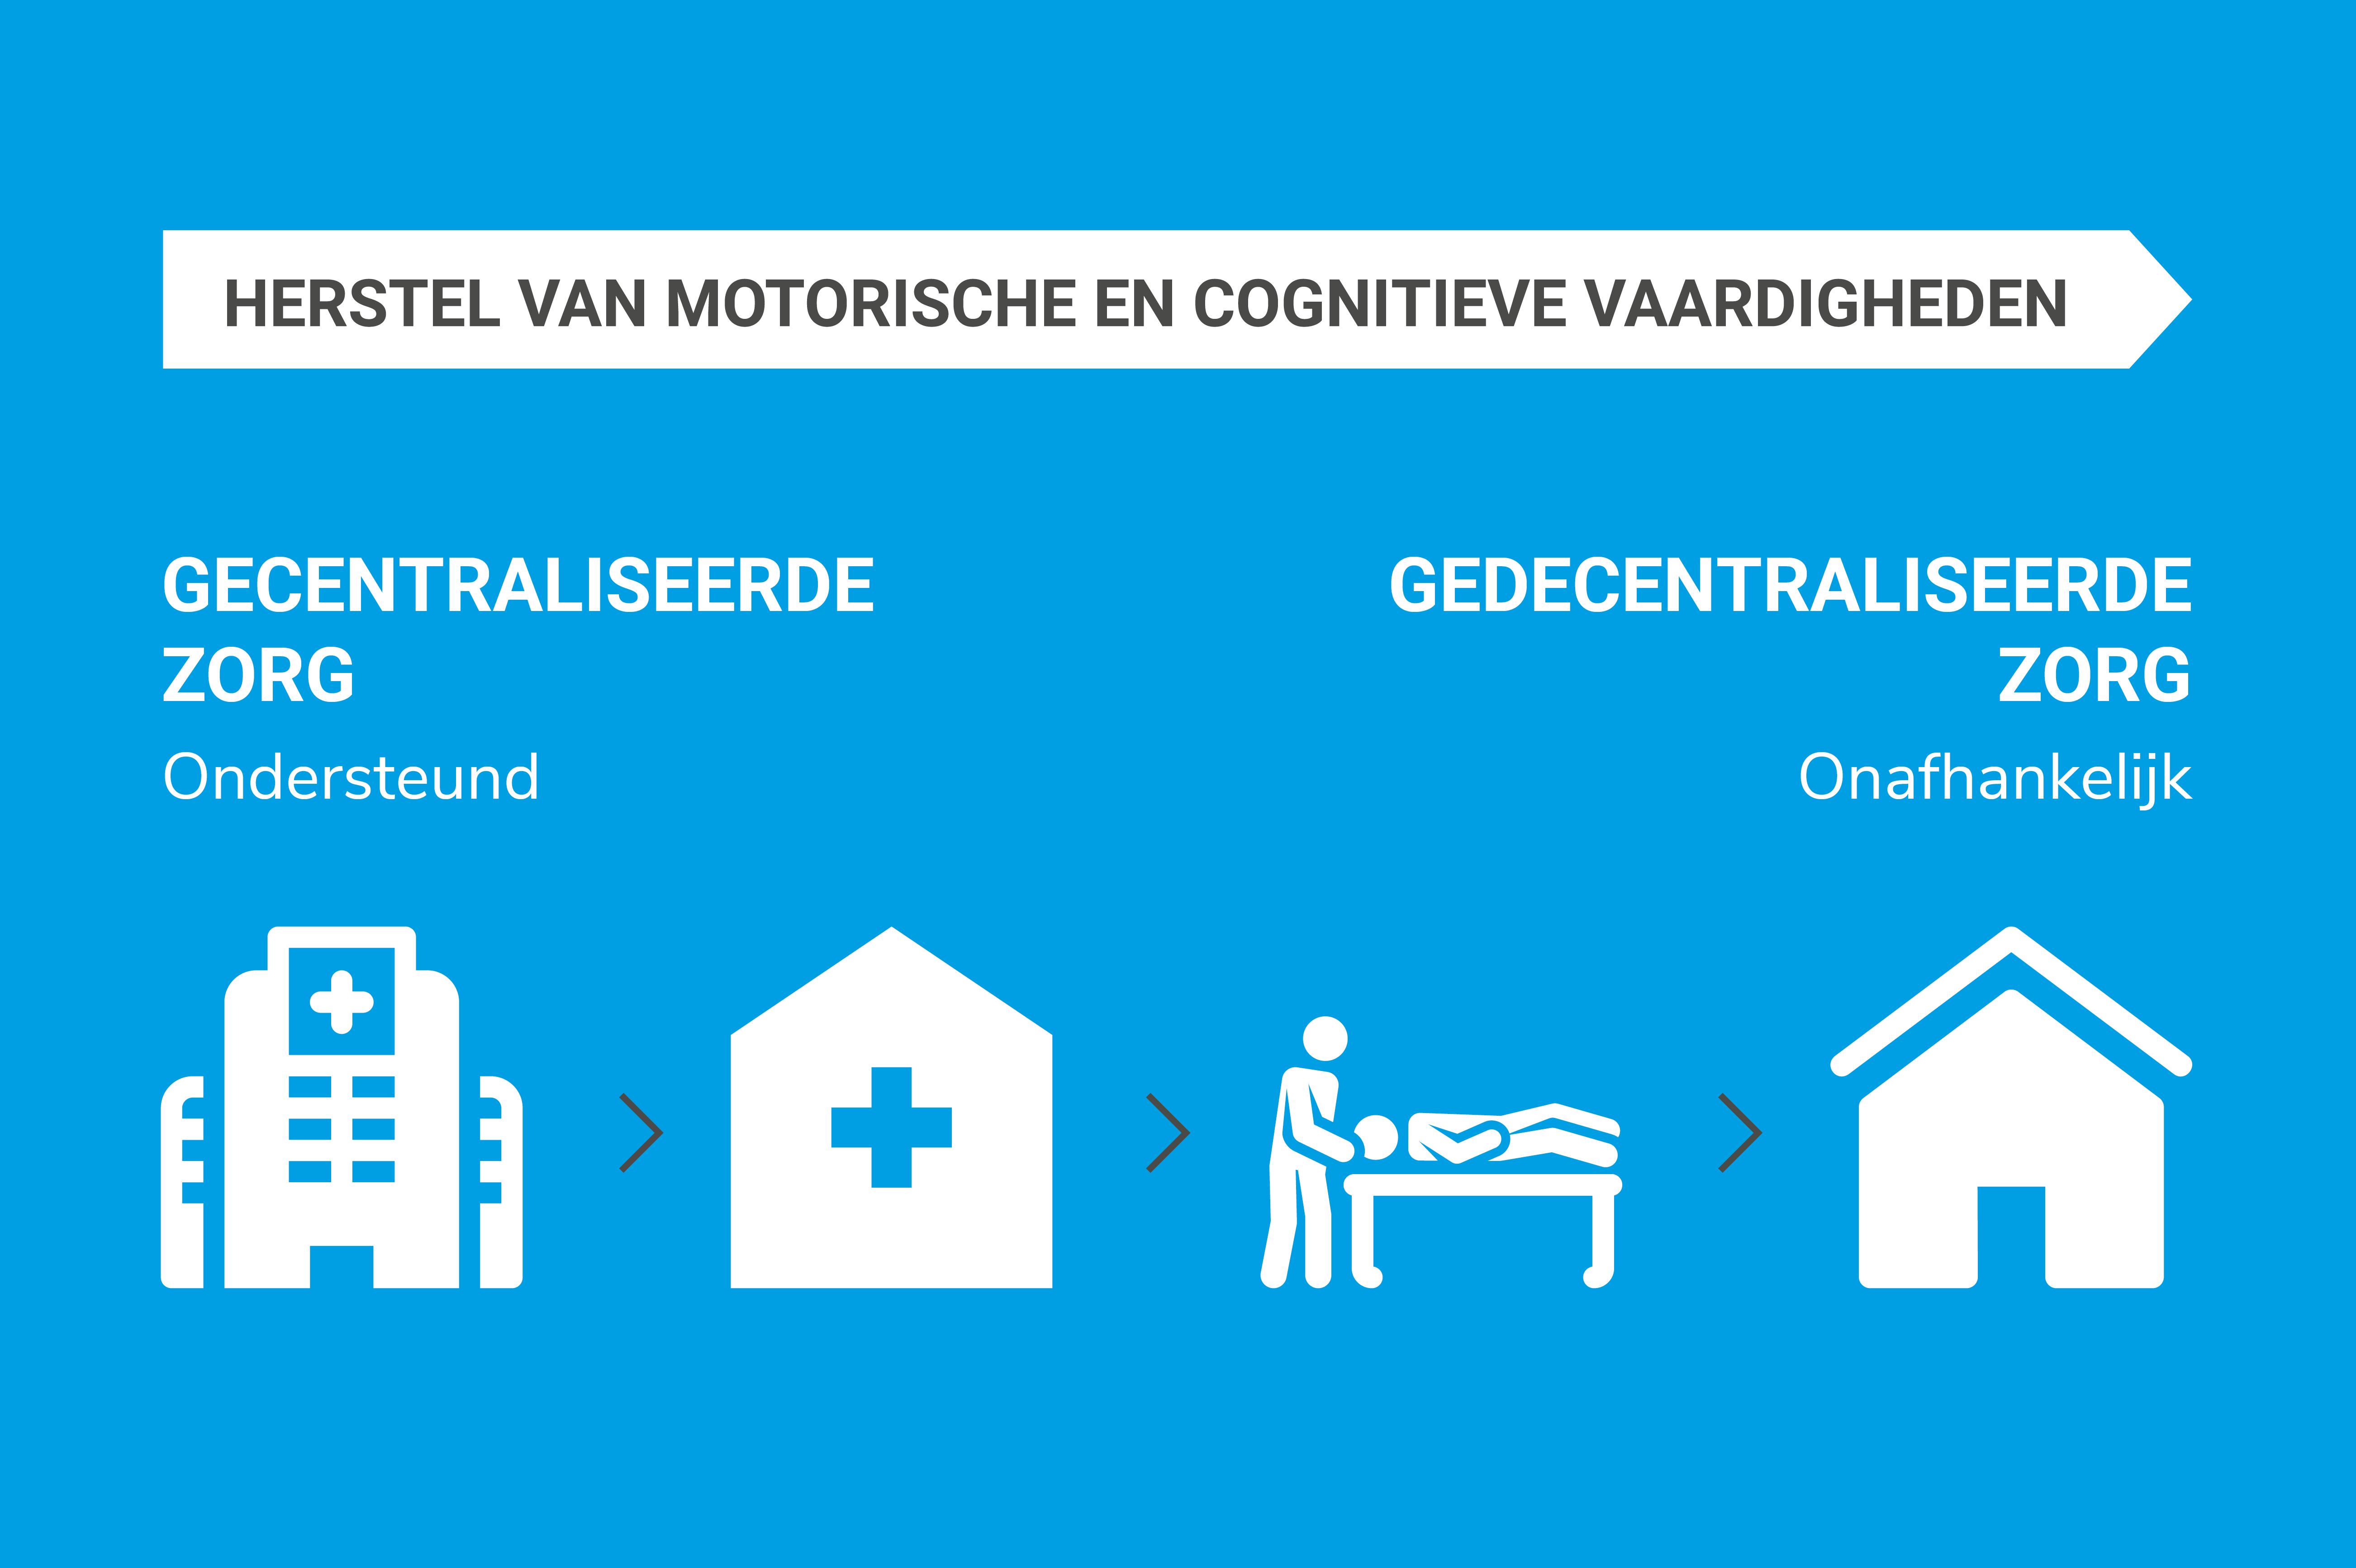 Schuifbeelden (NL)